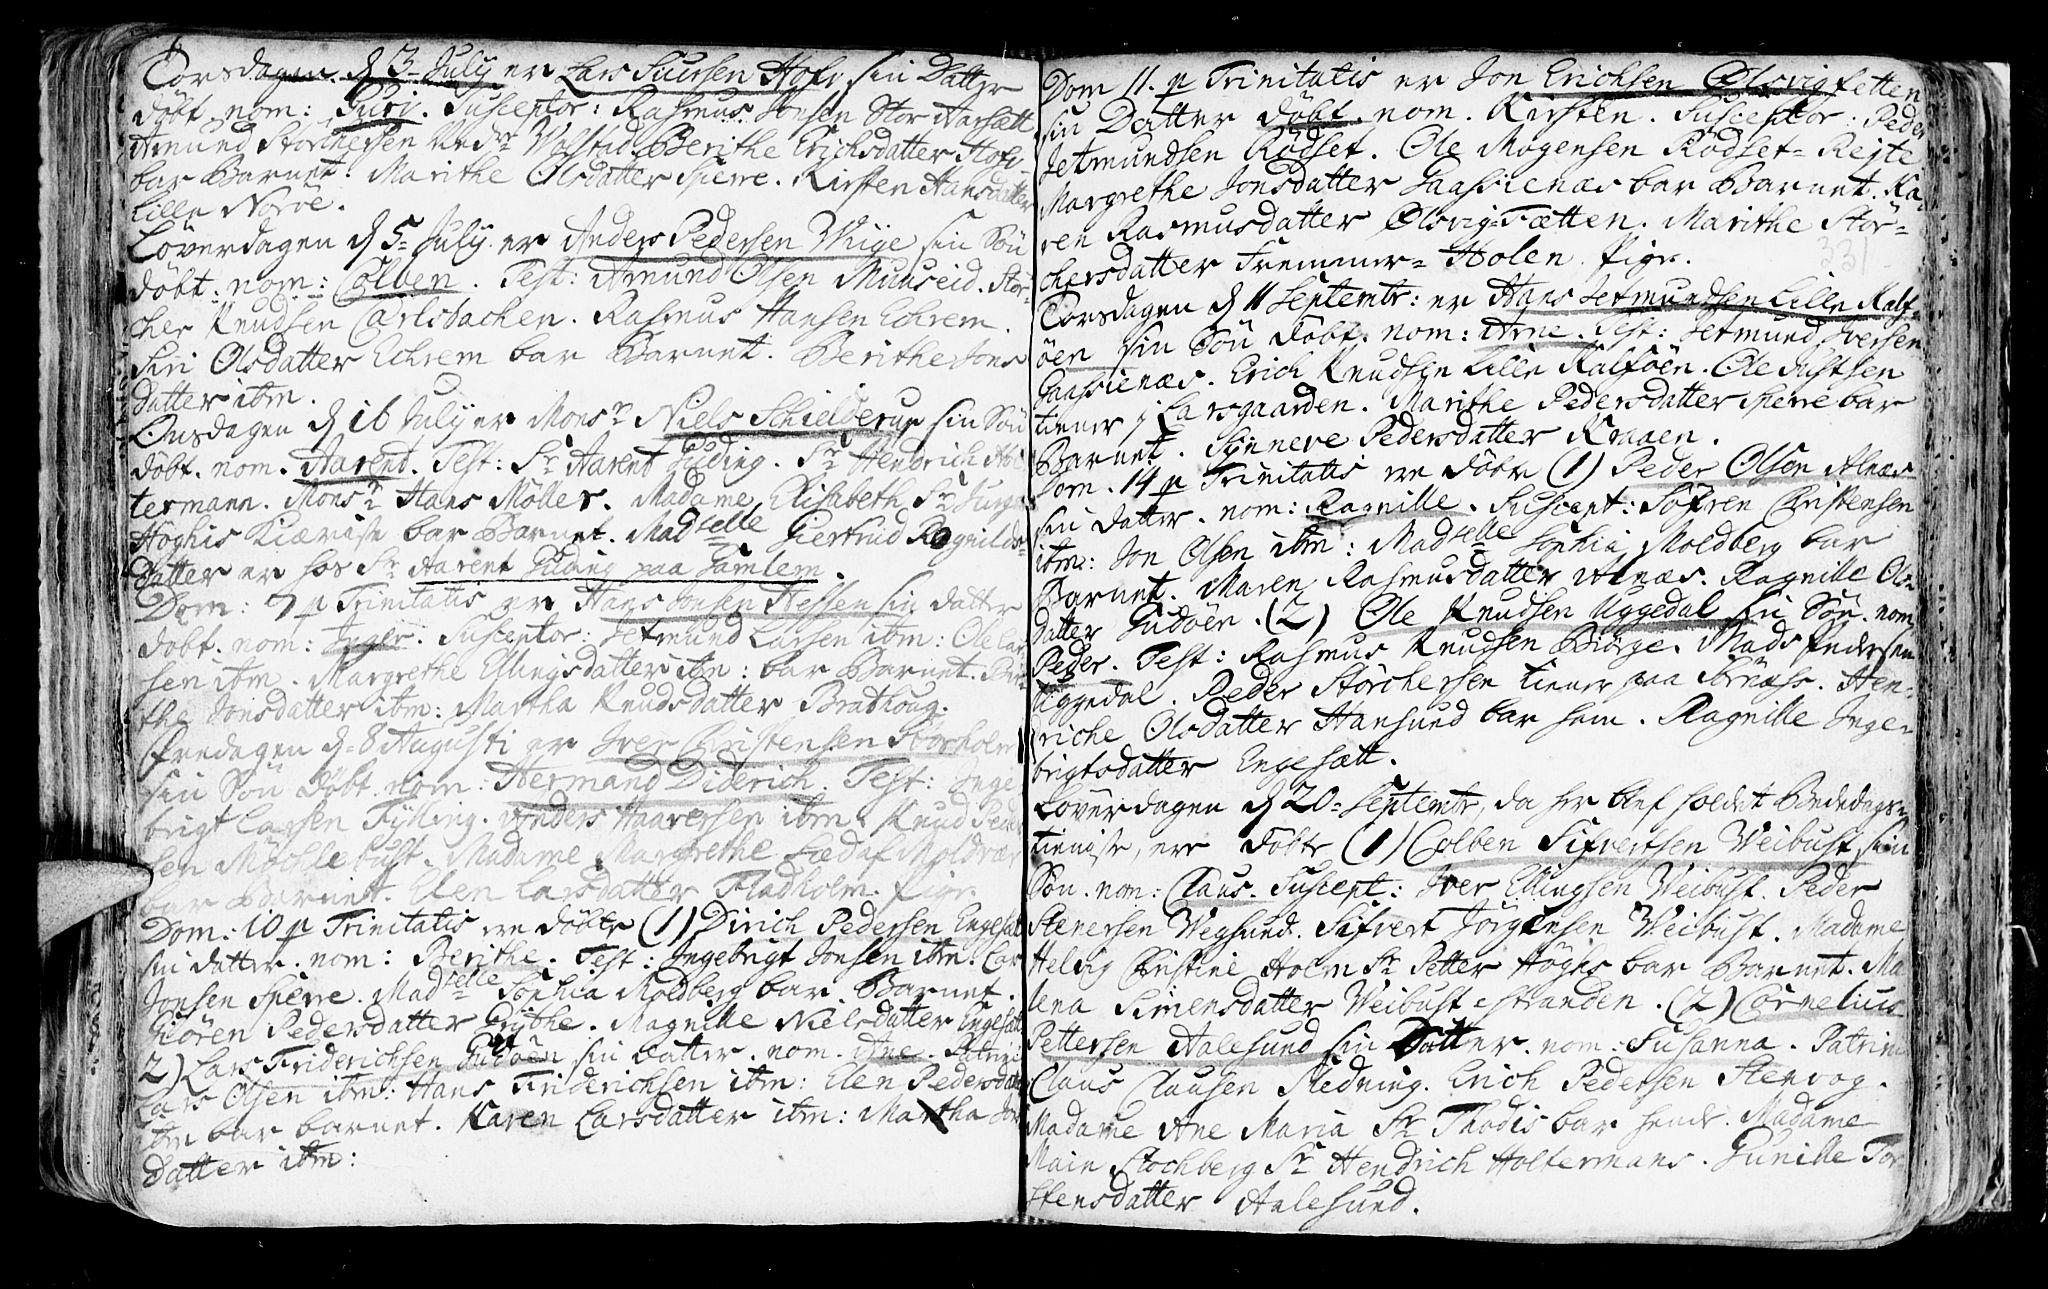 SAT, Ministerialprotokoller, klokkerbøker og fødselsregistre - Møre og Romsdal, 528/L0390: Parish register (official) no. 528A01, 1698-1739, p. 330-331